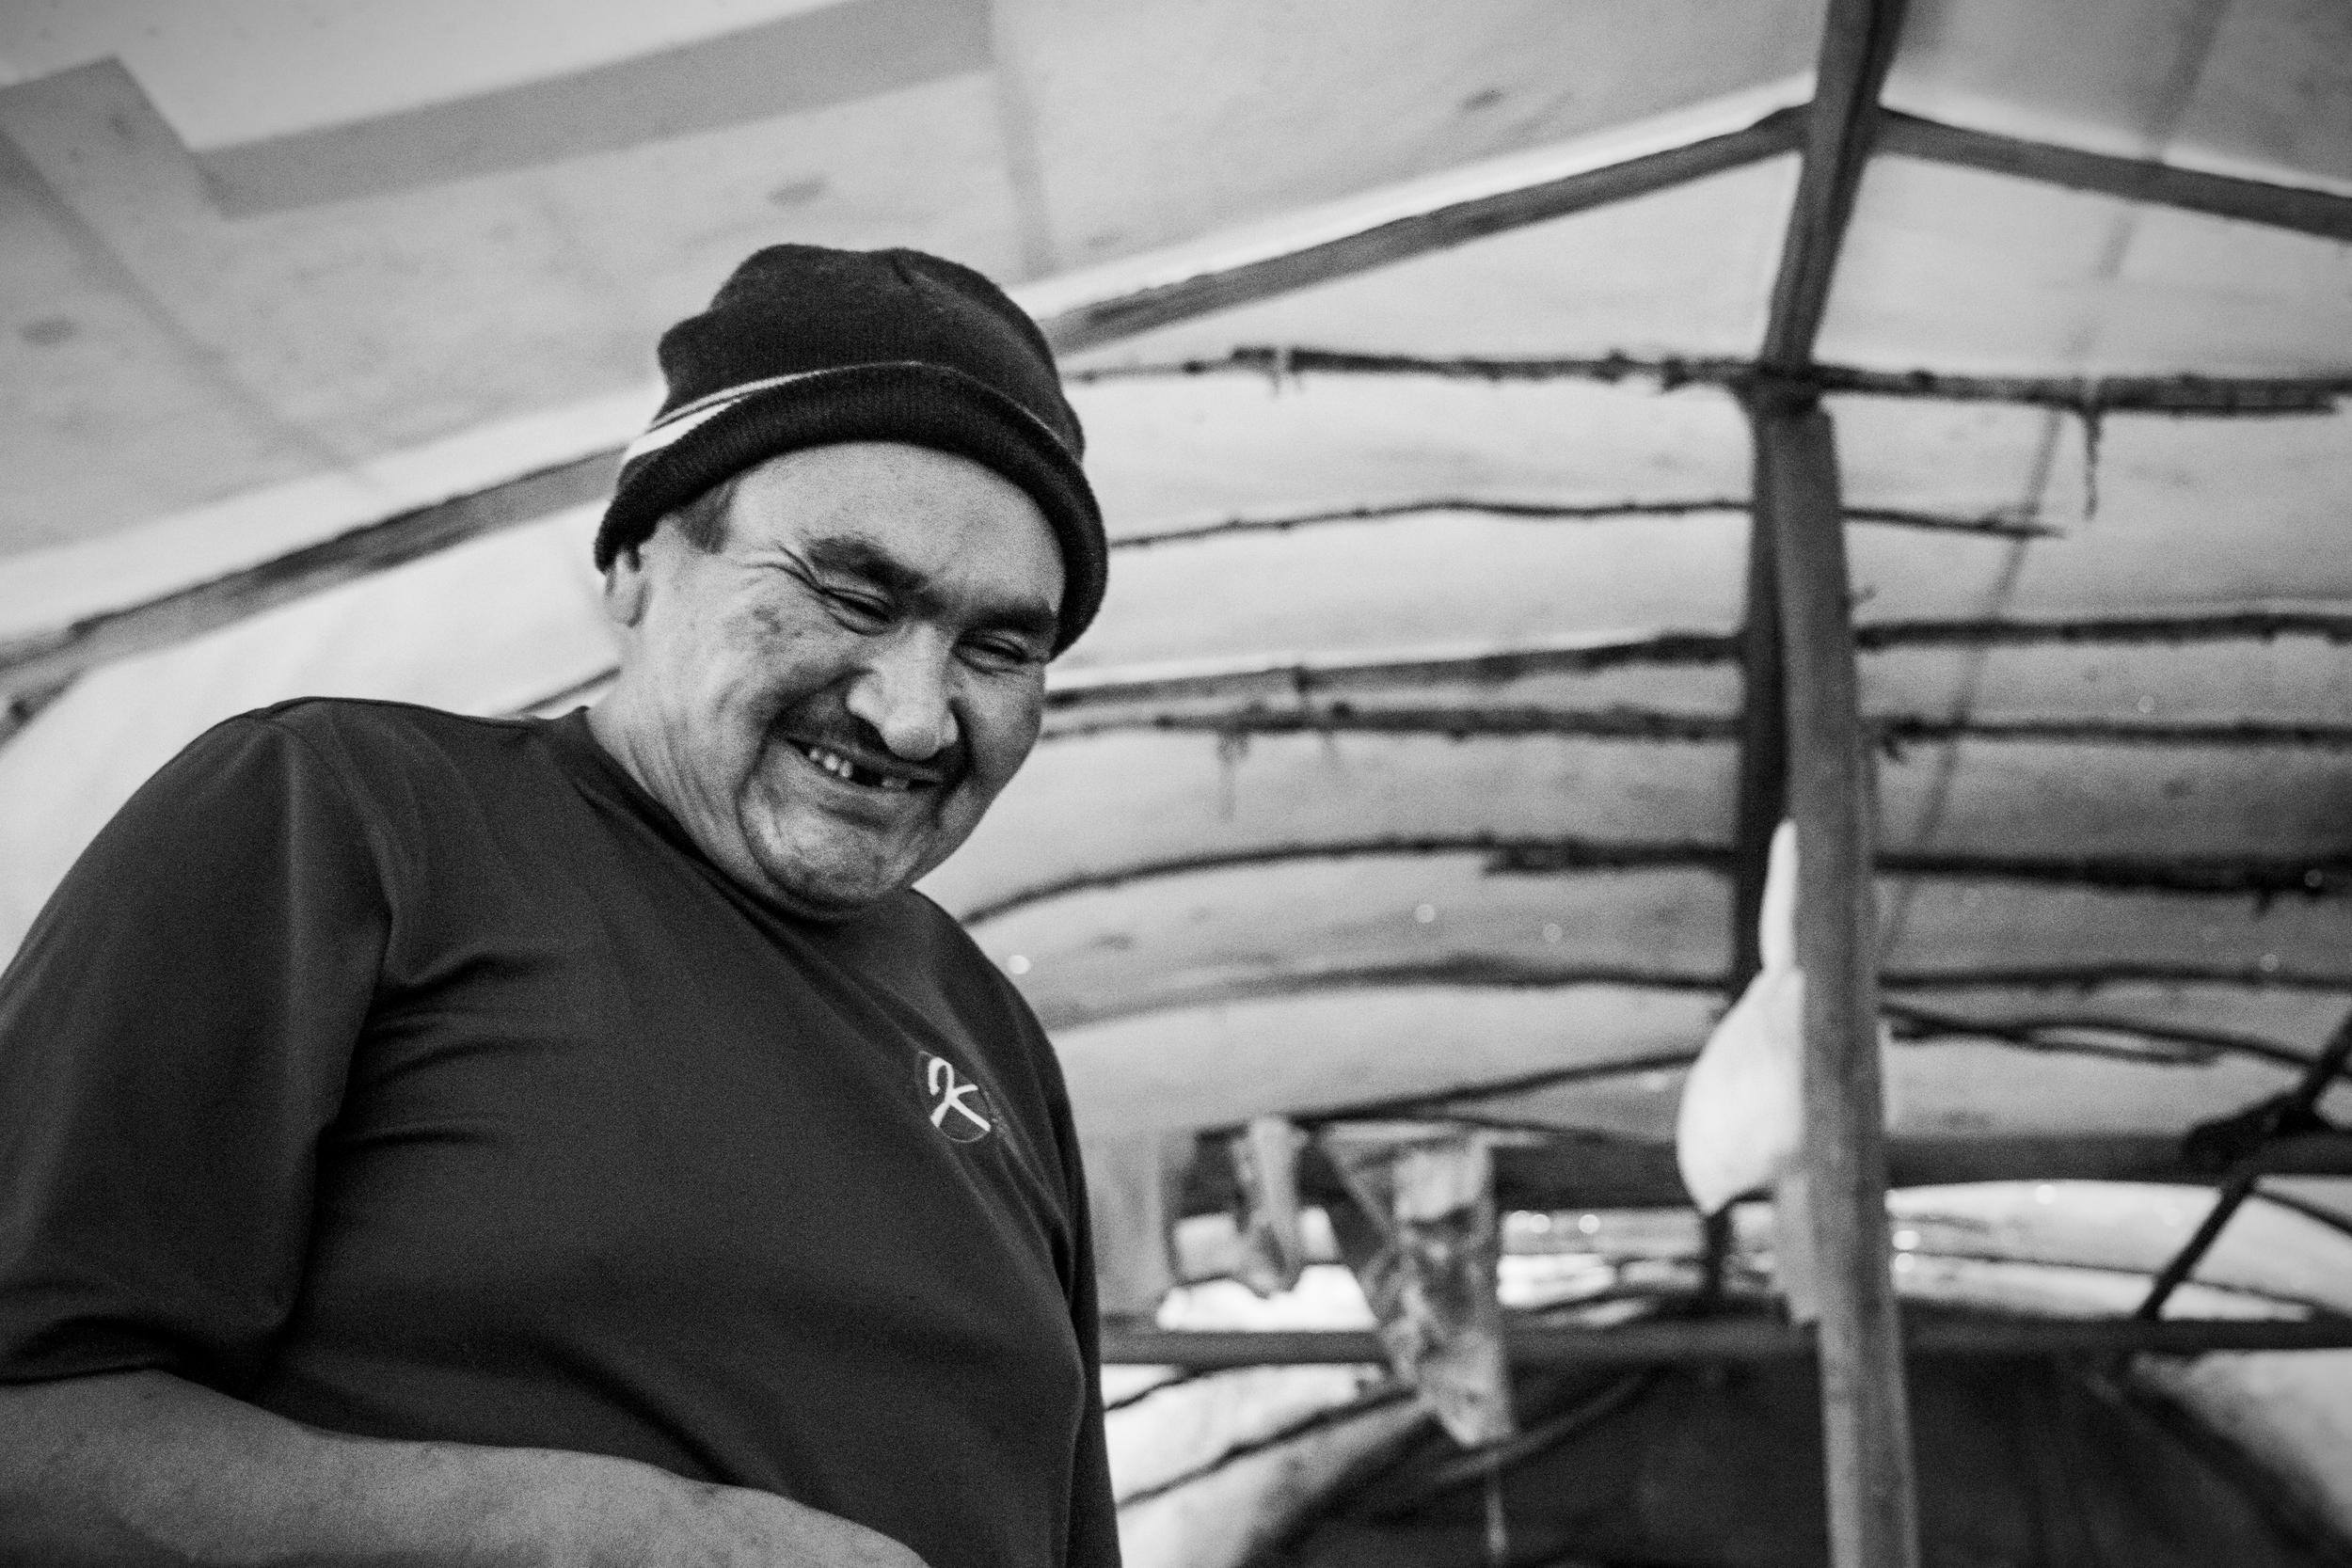 Albert Ottereyes en train de cuisiner